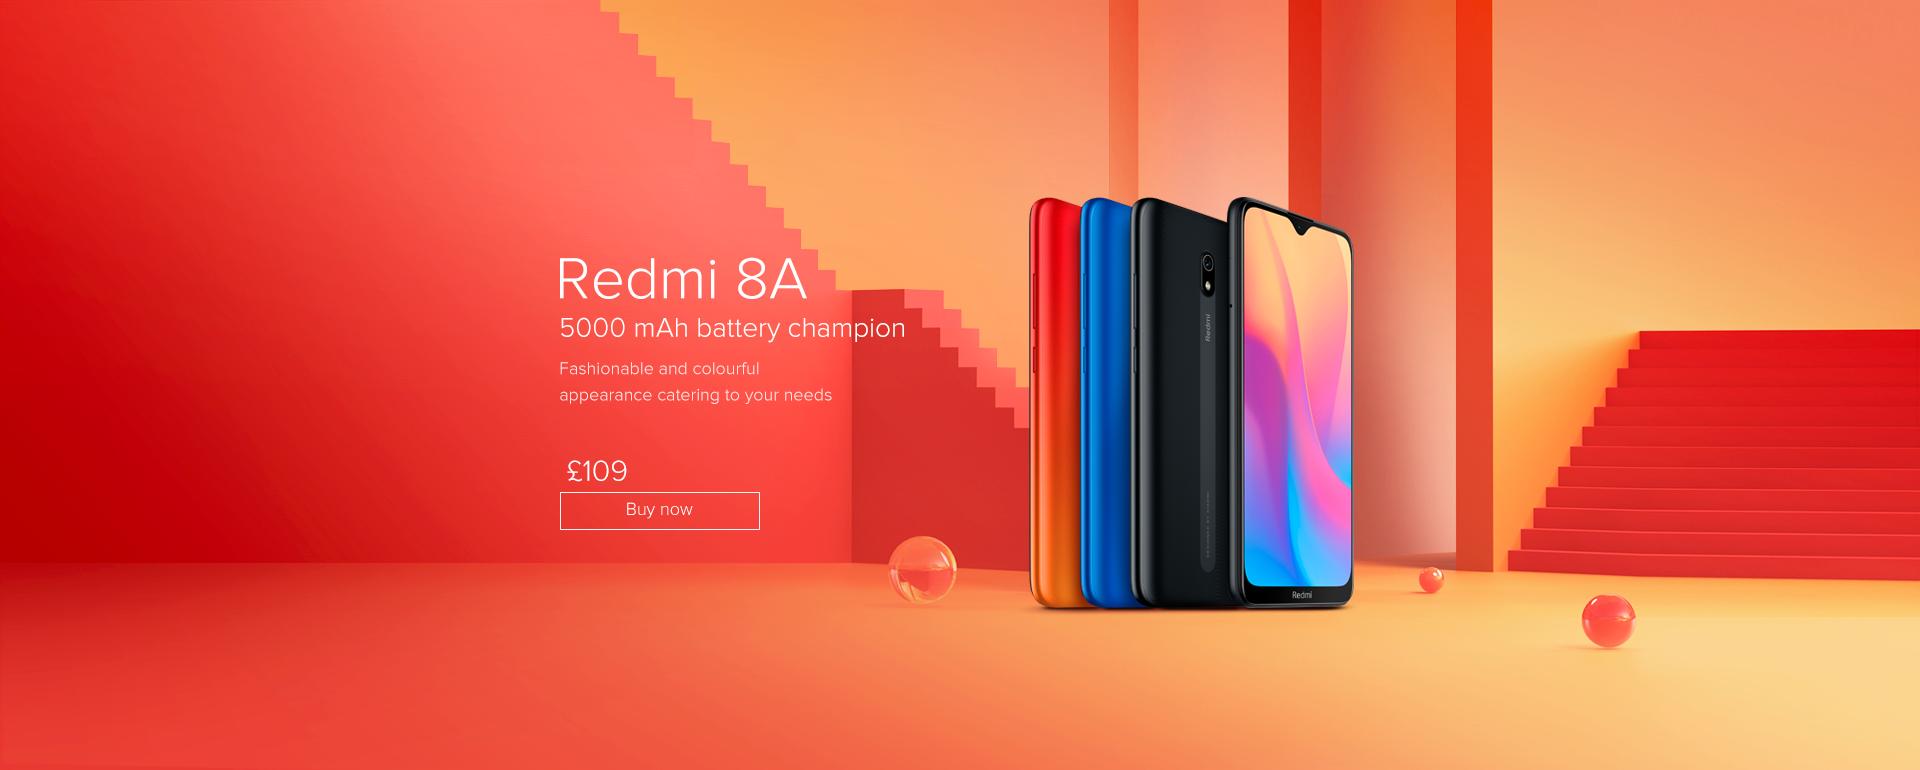 Redmi 8A